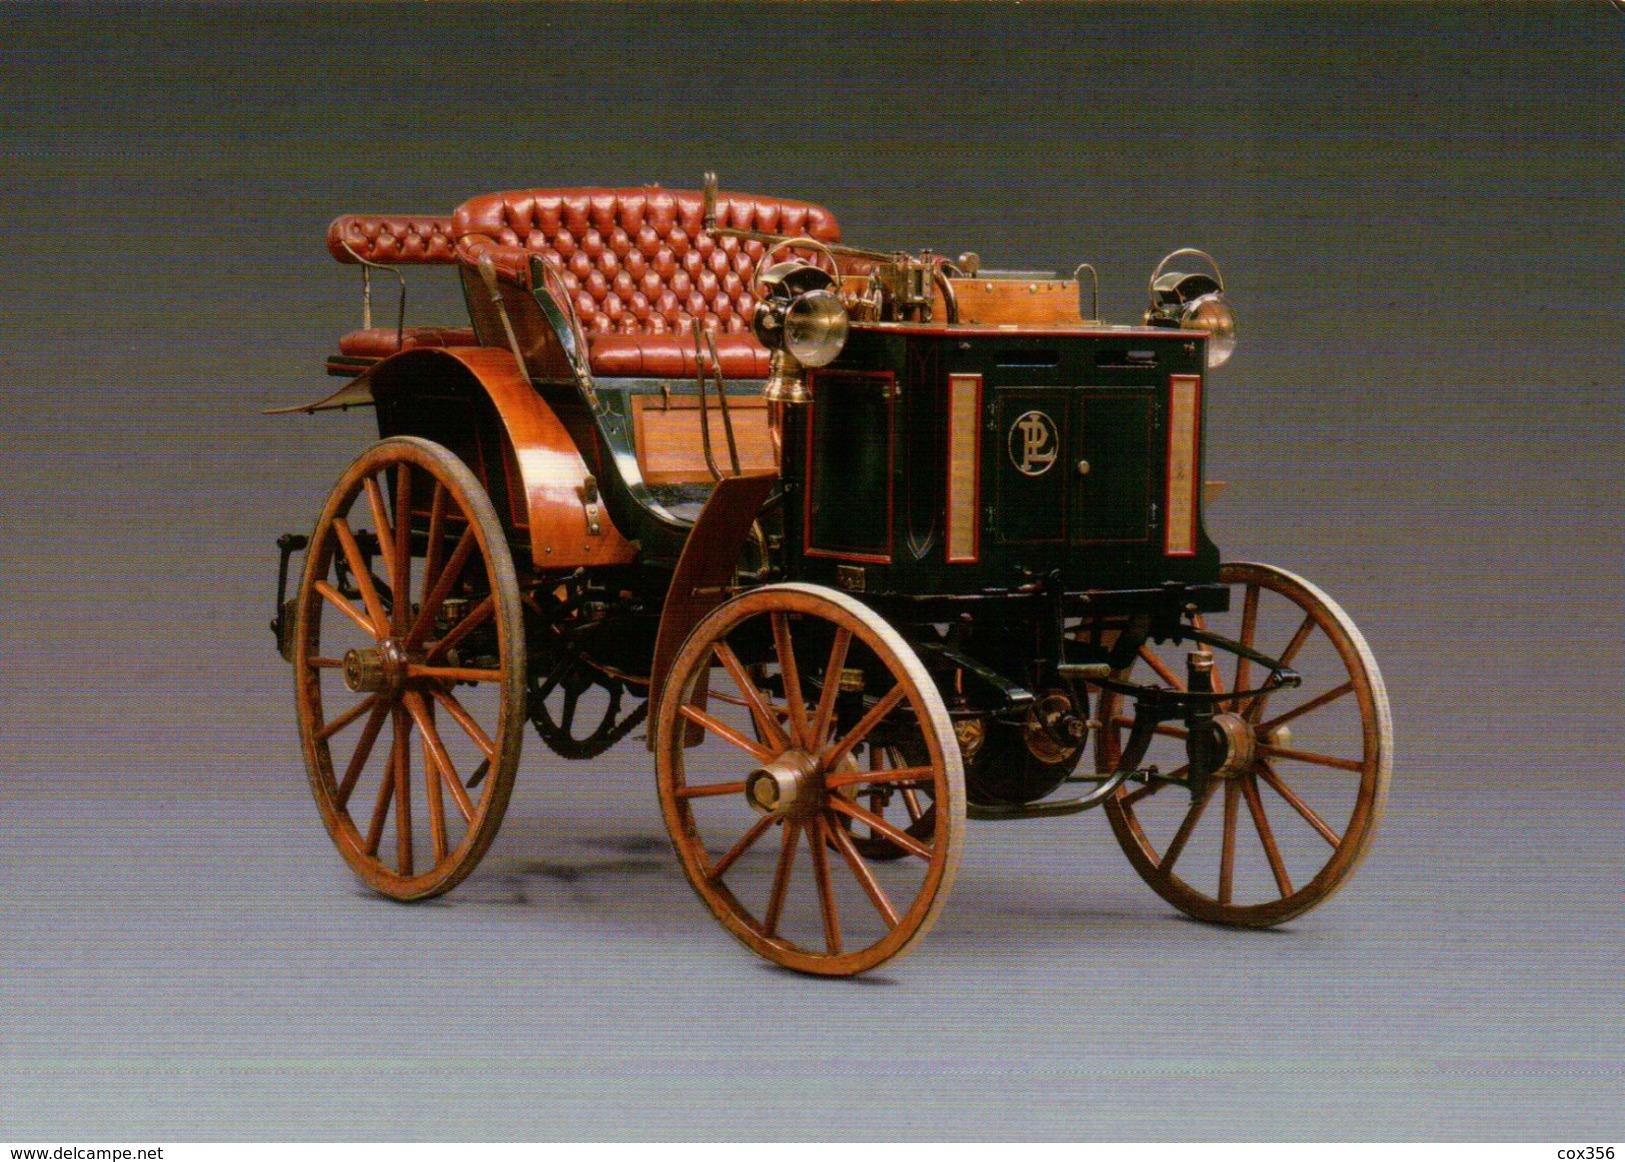 CPSM  AUTOMOBILES PANHARD LEVASSOR PHATEON TONNEAU 1894 - Taxi & Carrozzelle